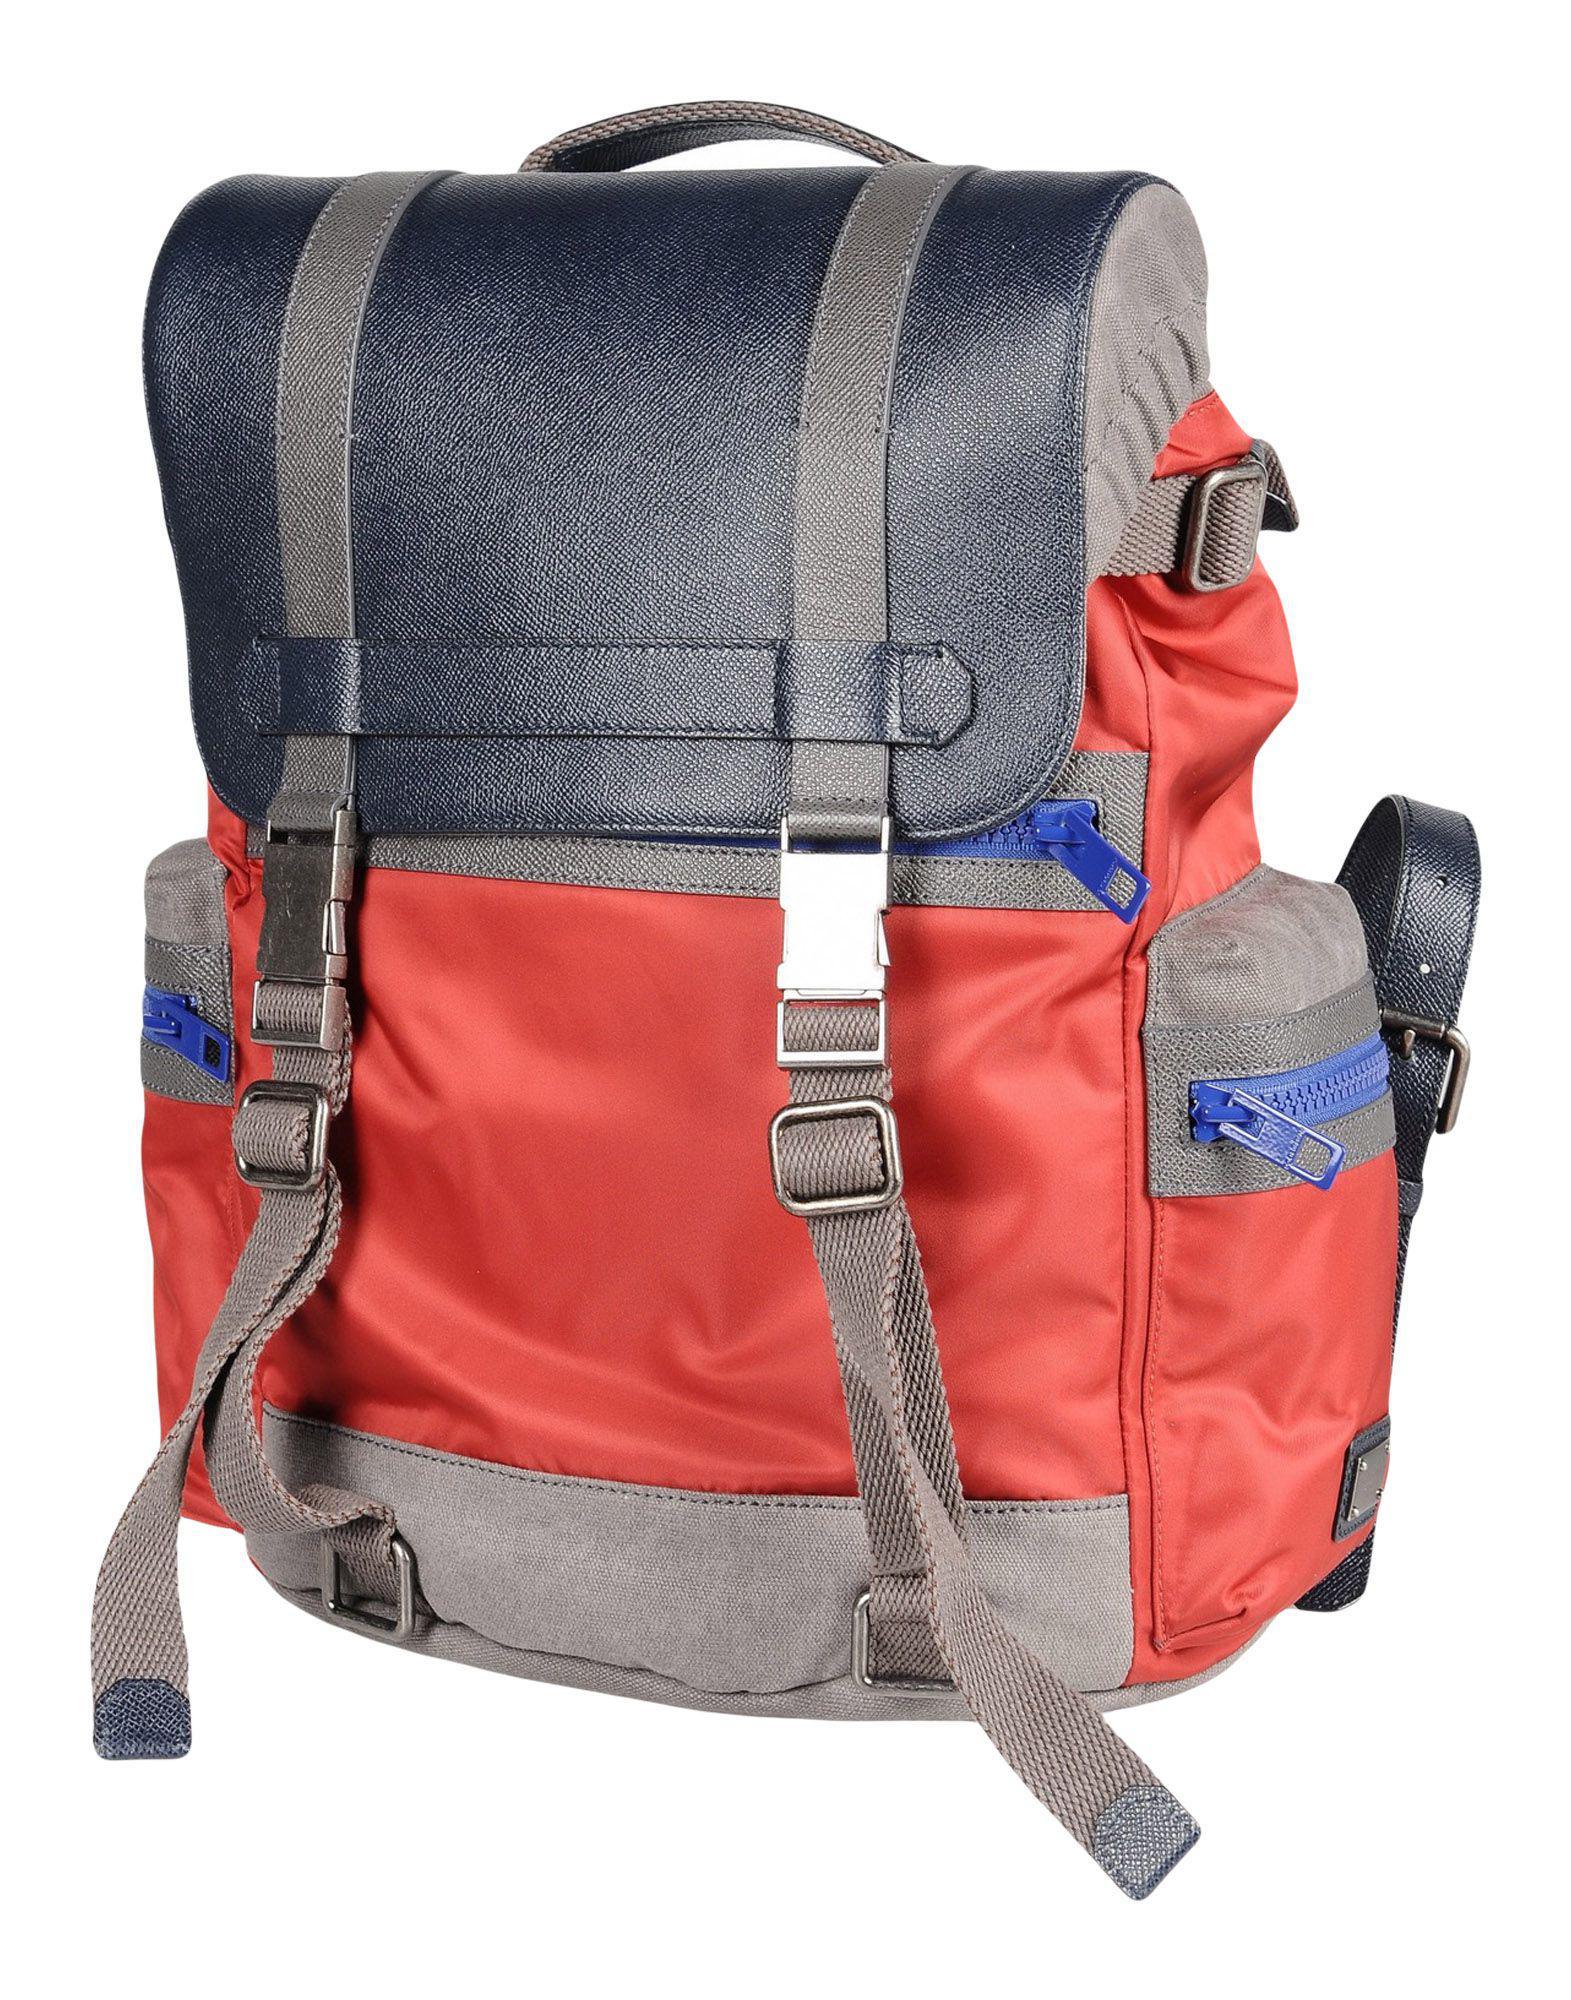 Lyst - Sacs à dos et bananes Dolce   Gabbana pour homme en coloris Rouge 4fffd960b2c